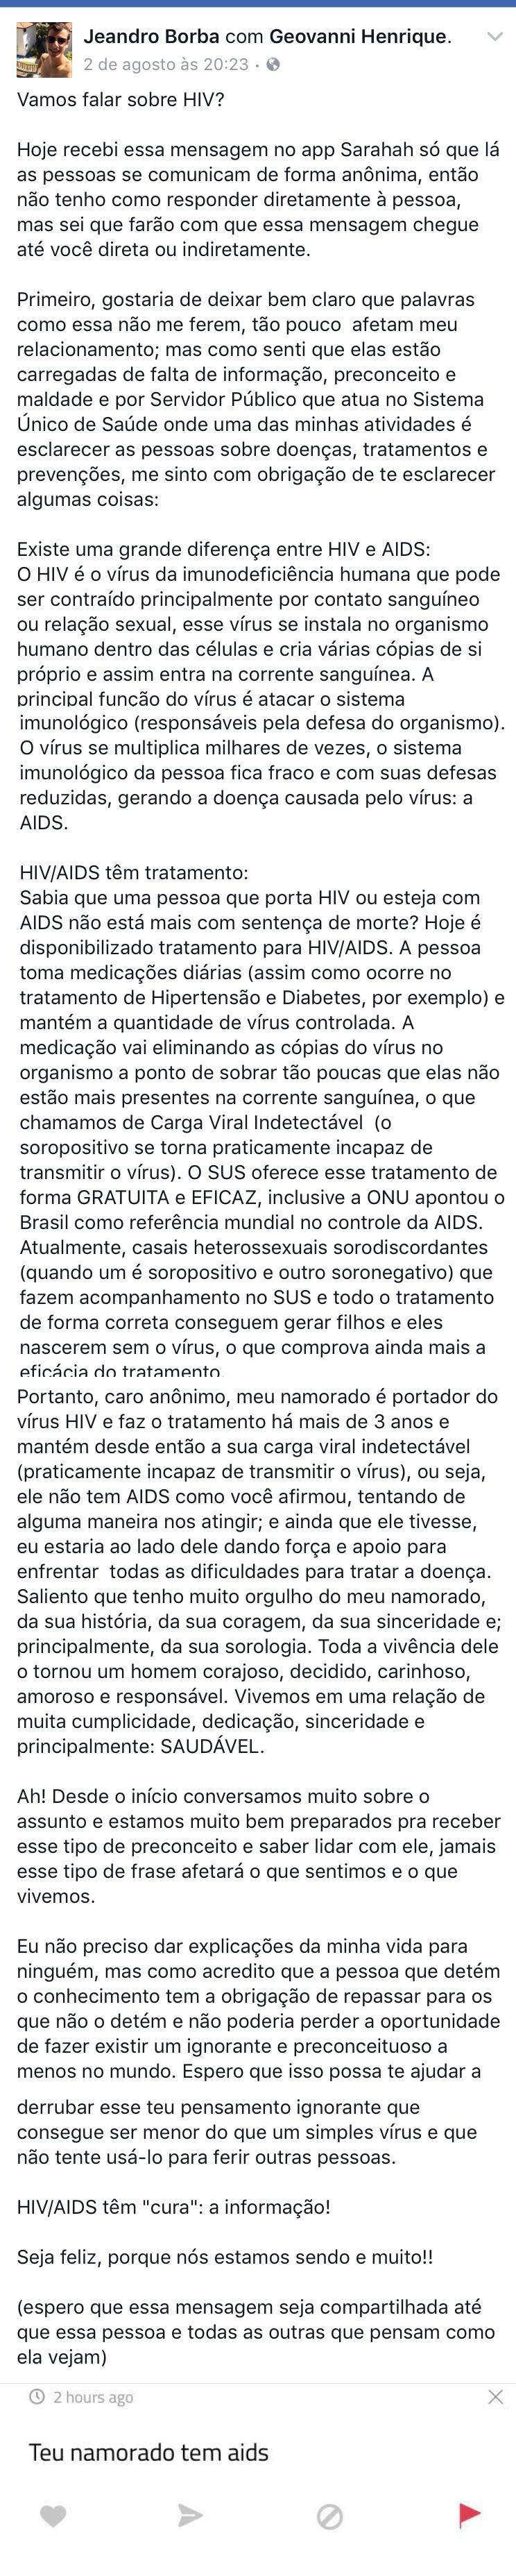 textao sararah hiv